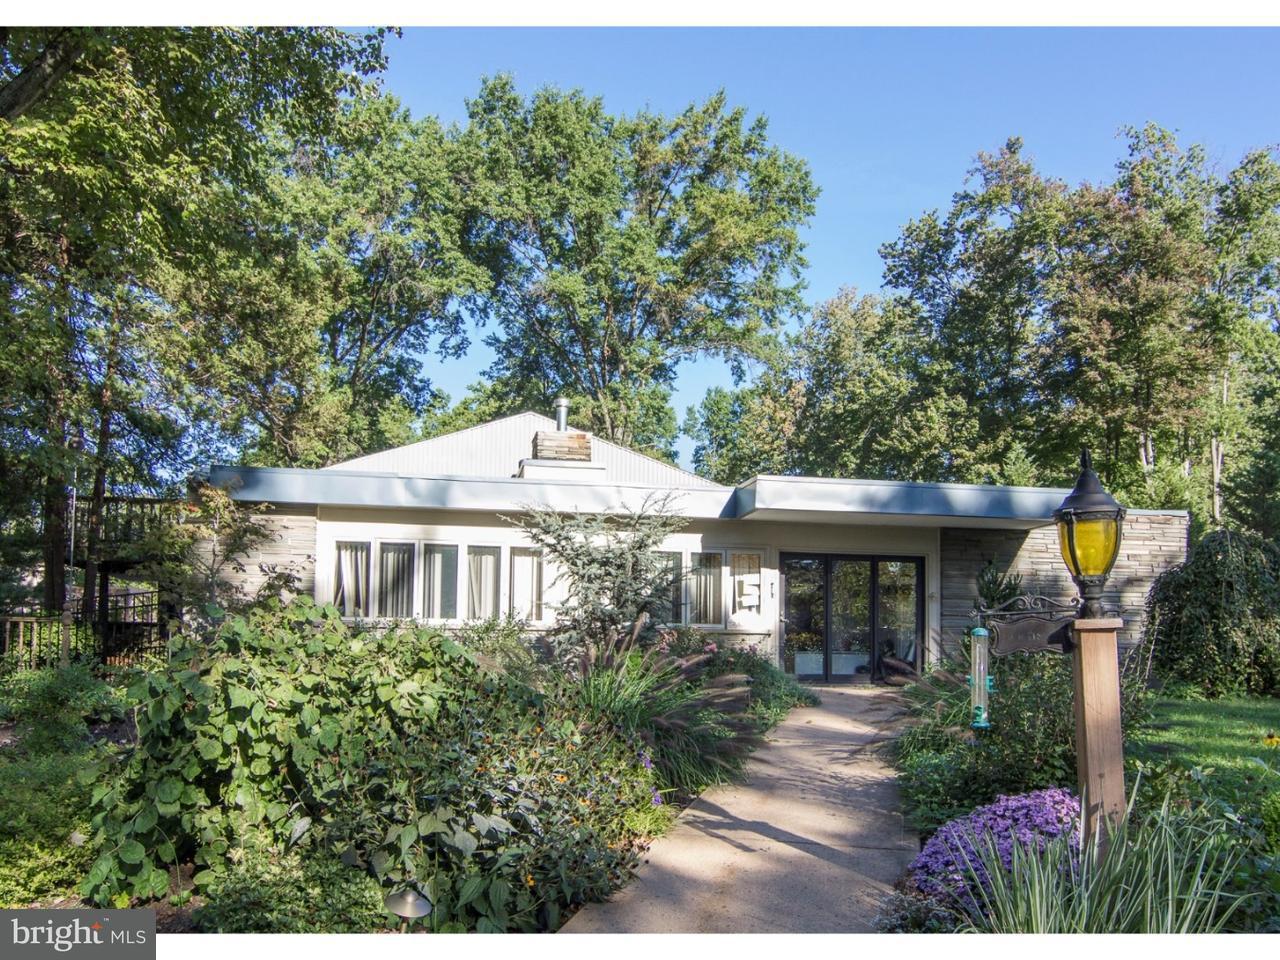 Maison unifamiliale pour l Vente à 3934 DAVISVILLE Road Hatboro, Pennsylvanie 19040 États-Unis